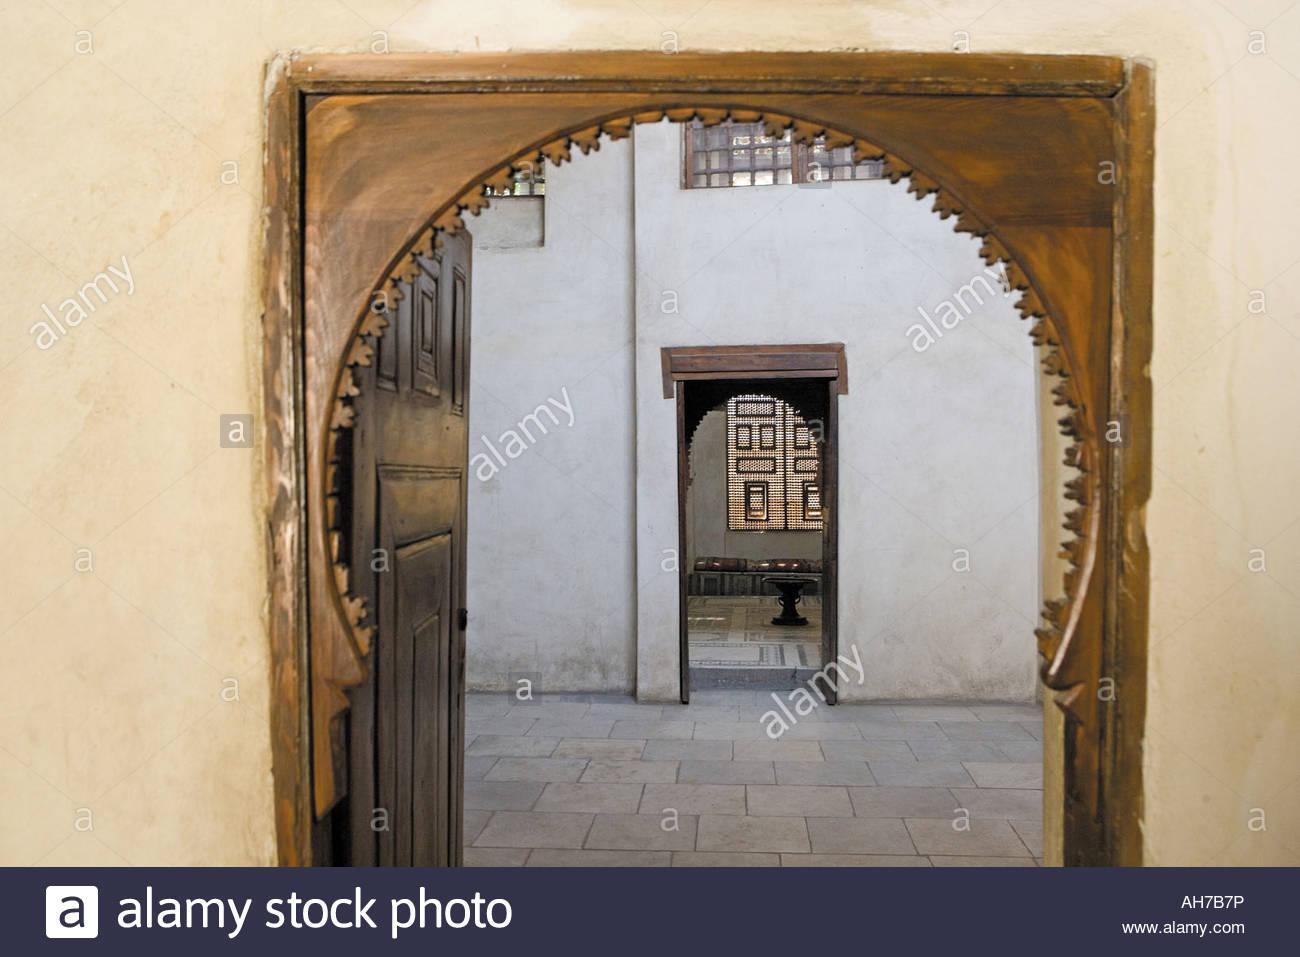 Viermonatiges, Le Vieux Caire, Palais Turc Al Darb El Asfar, intérieur Stockbild